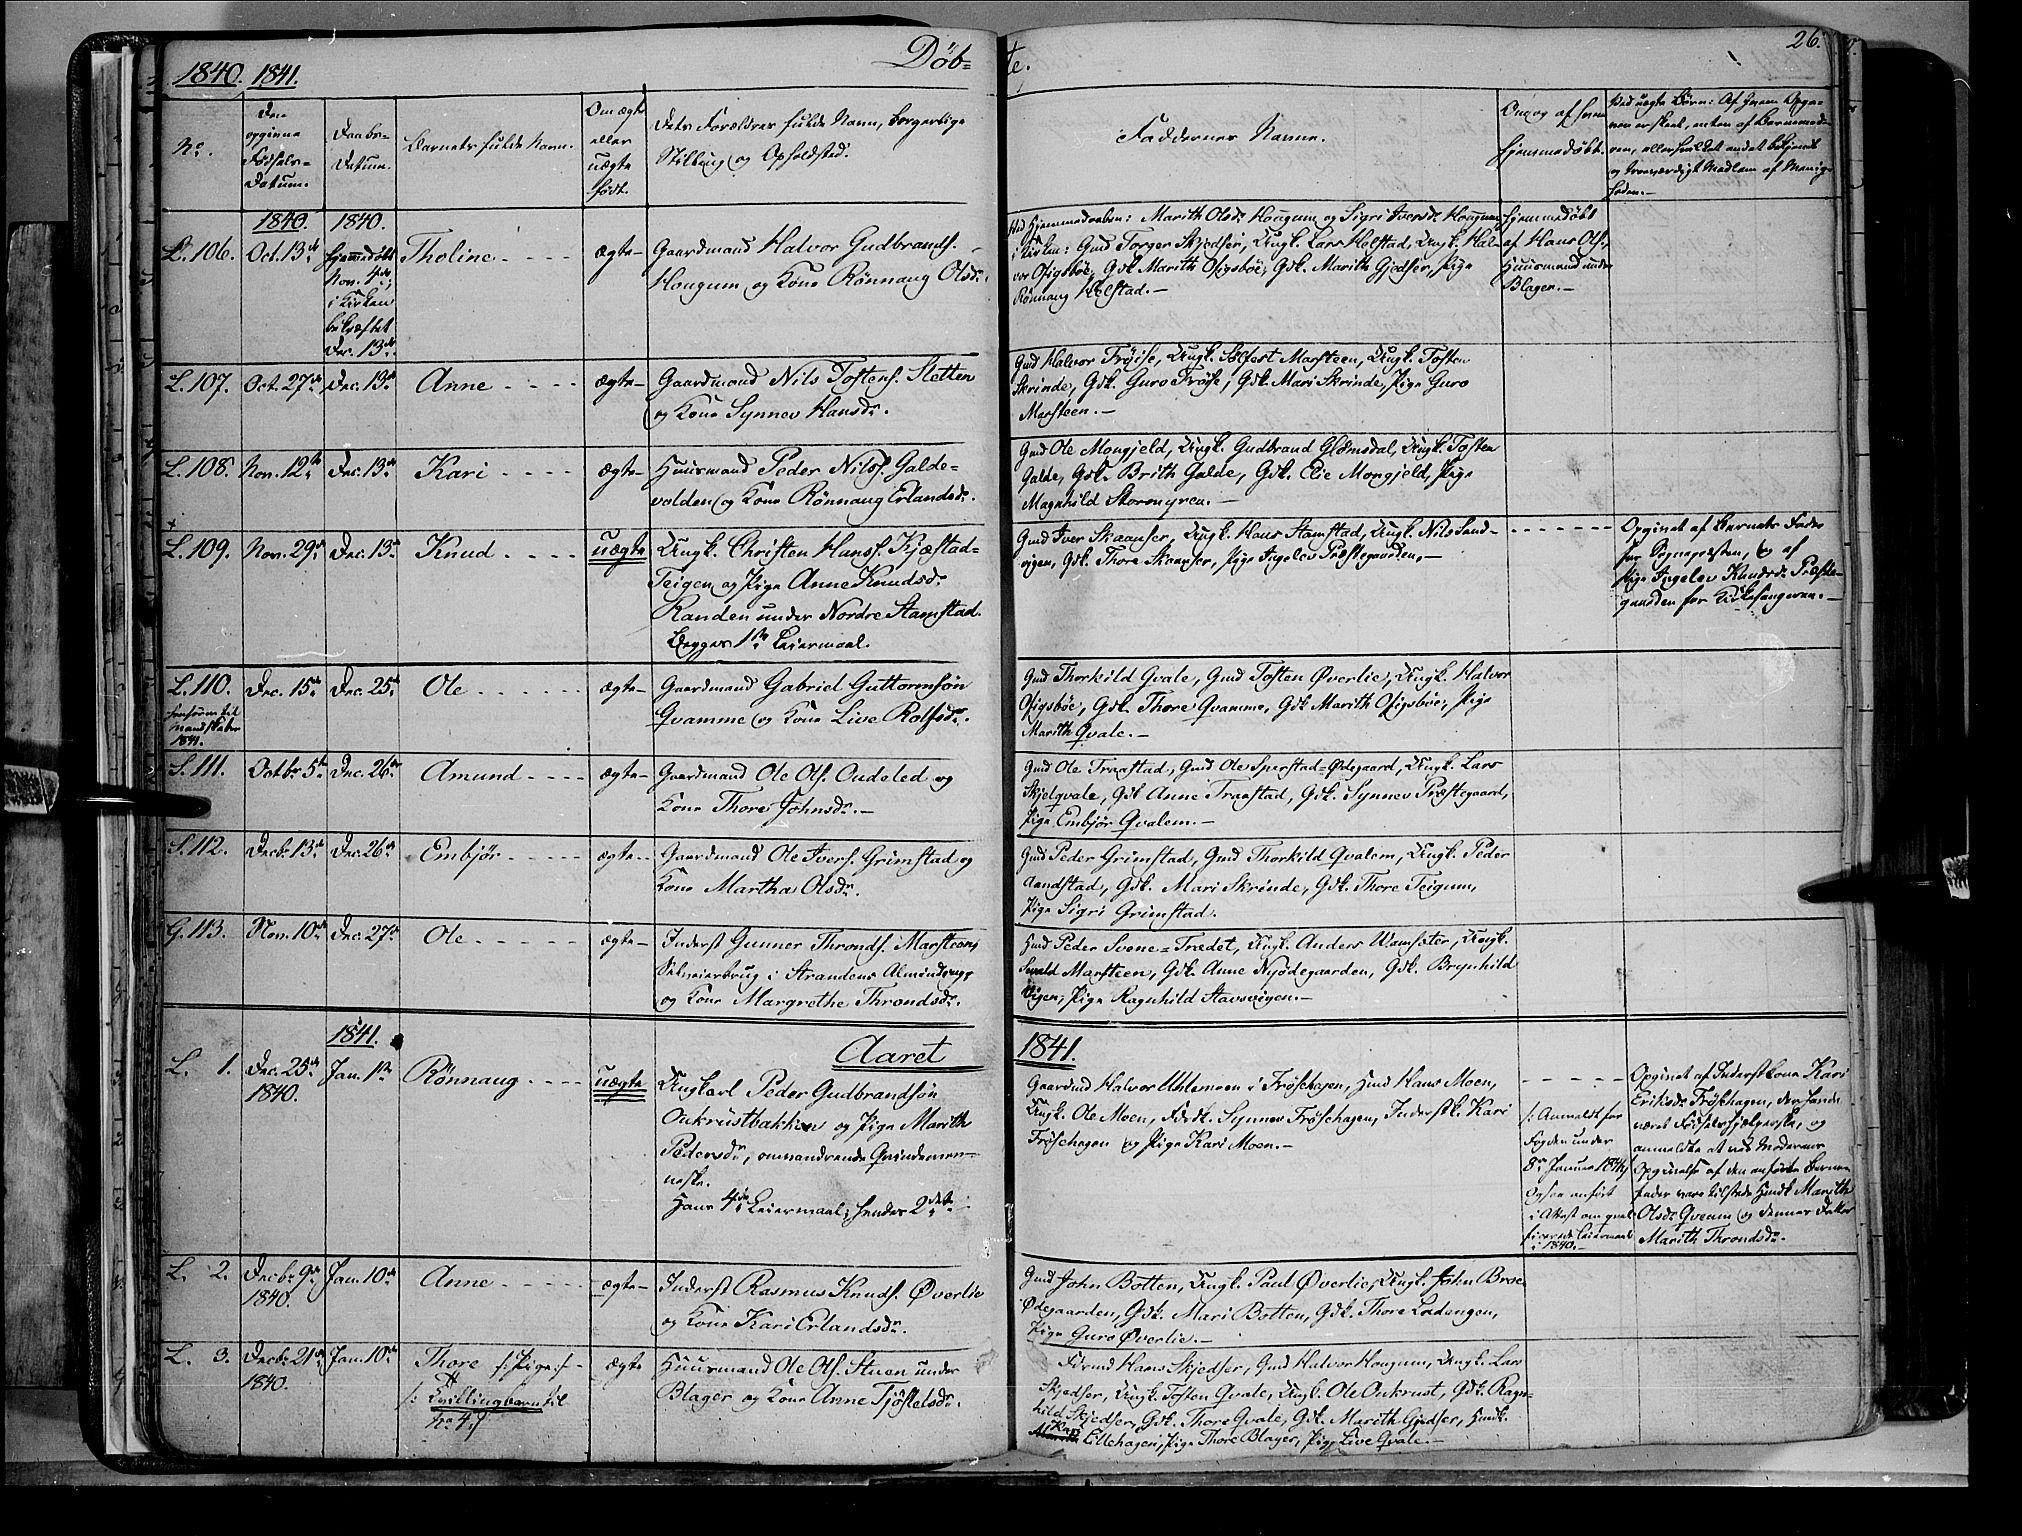 SAH, Lom prestekontor, K/L0006: Ministerialbok nr. 6A, 1837-1863, s. 26